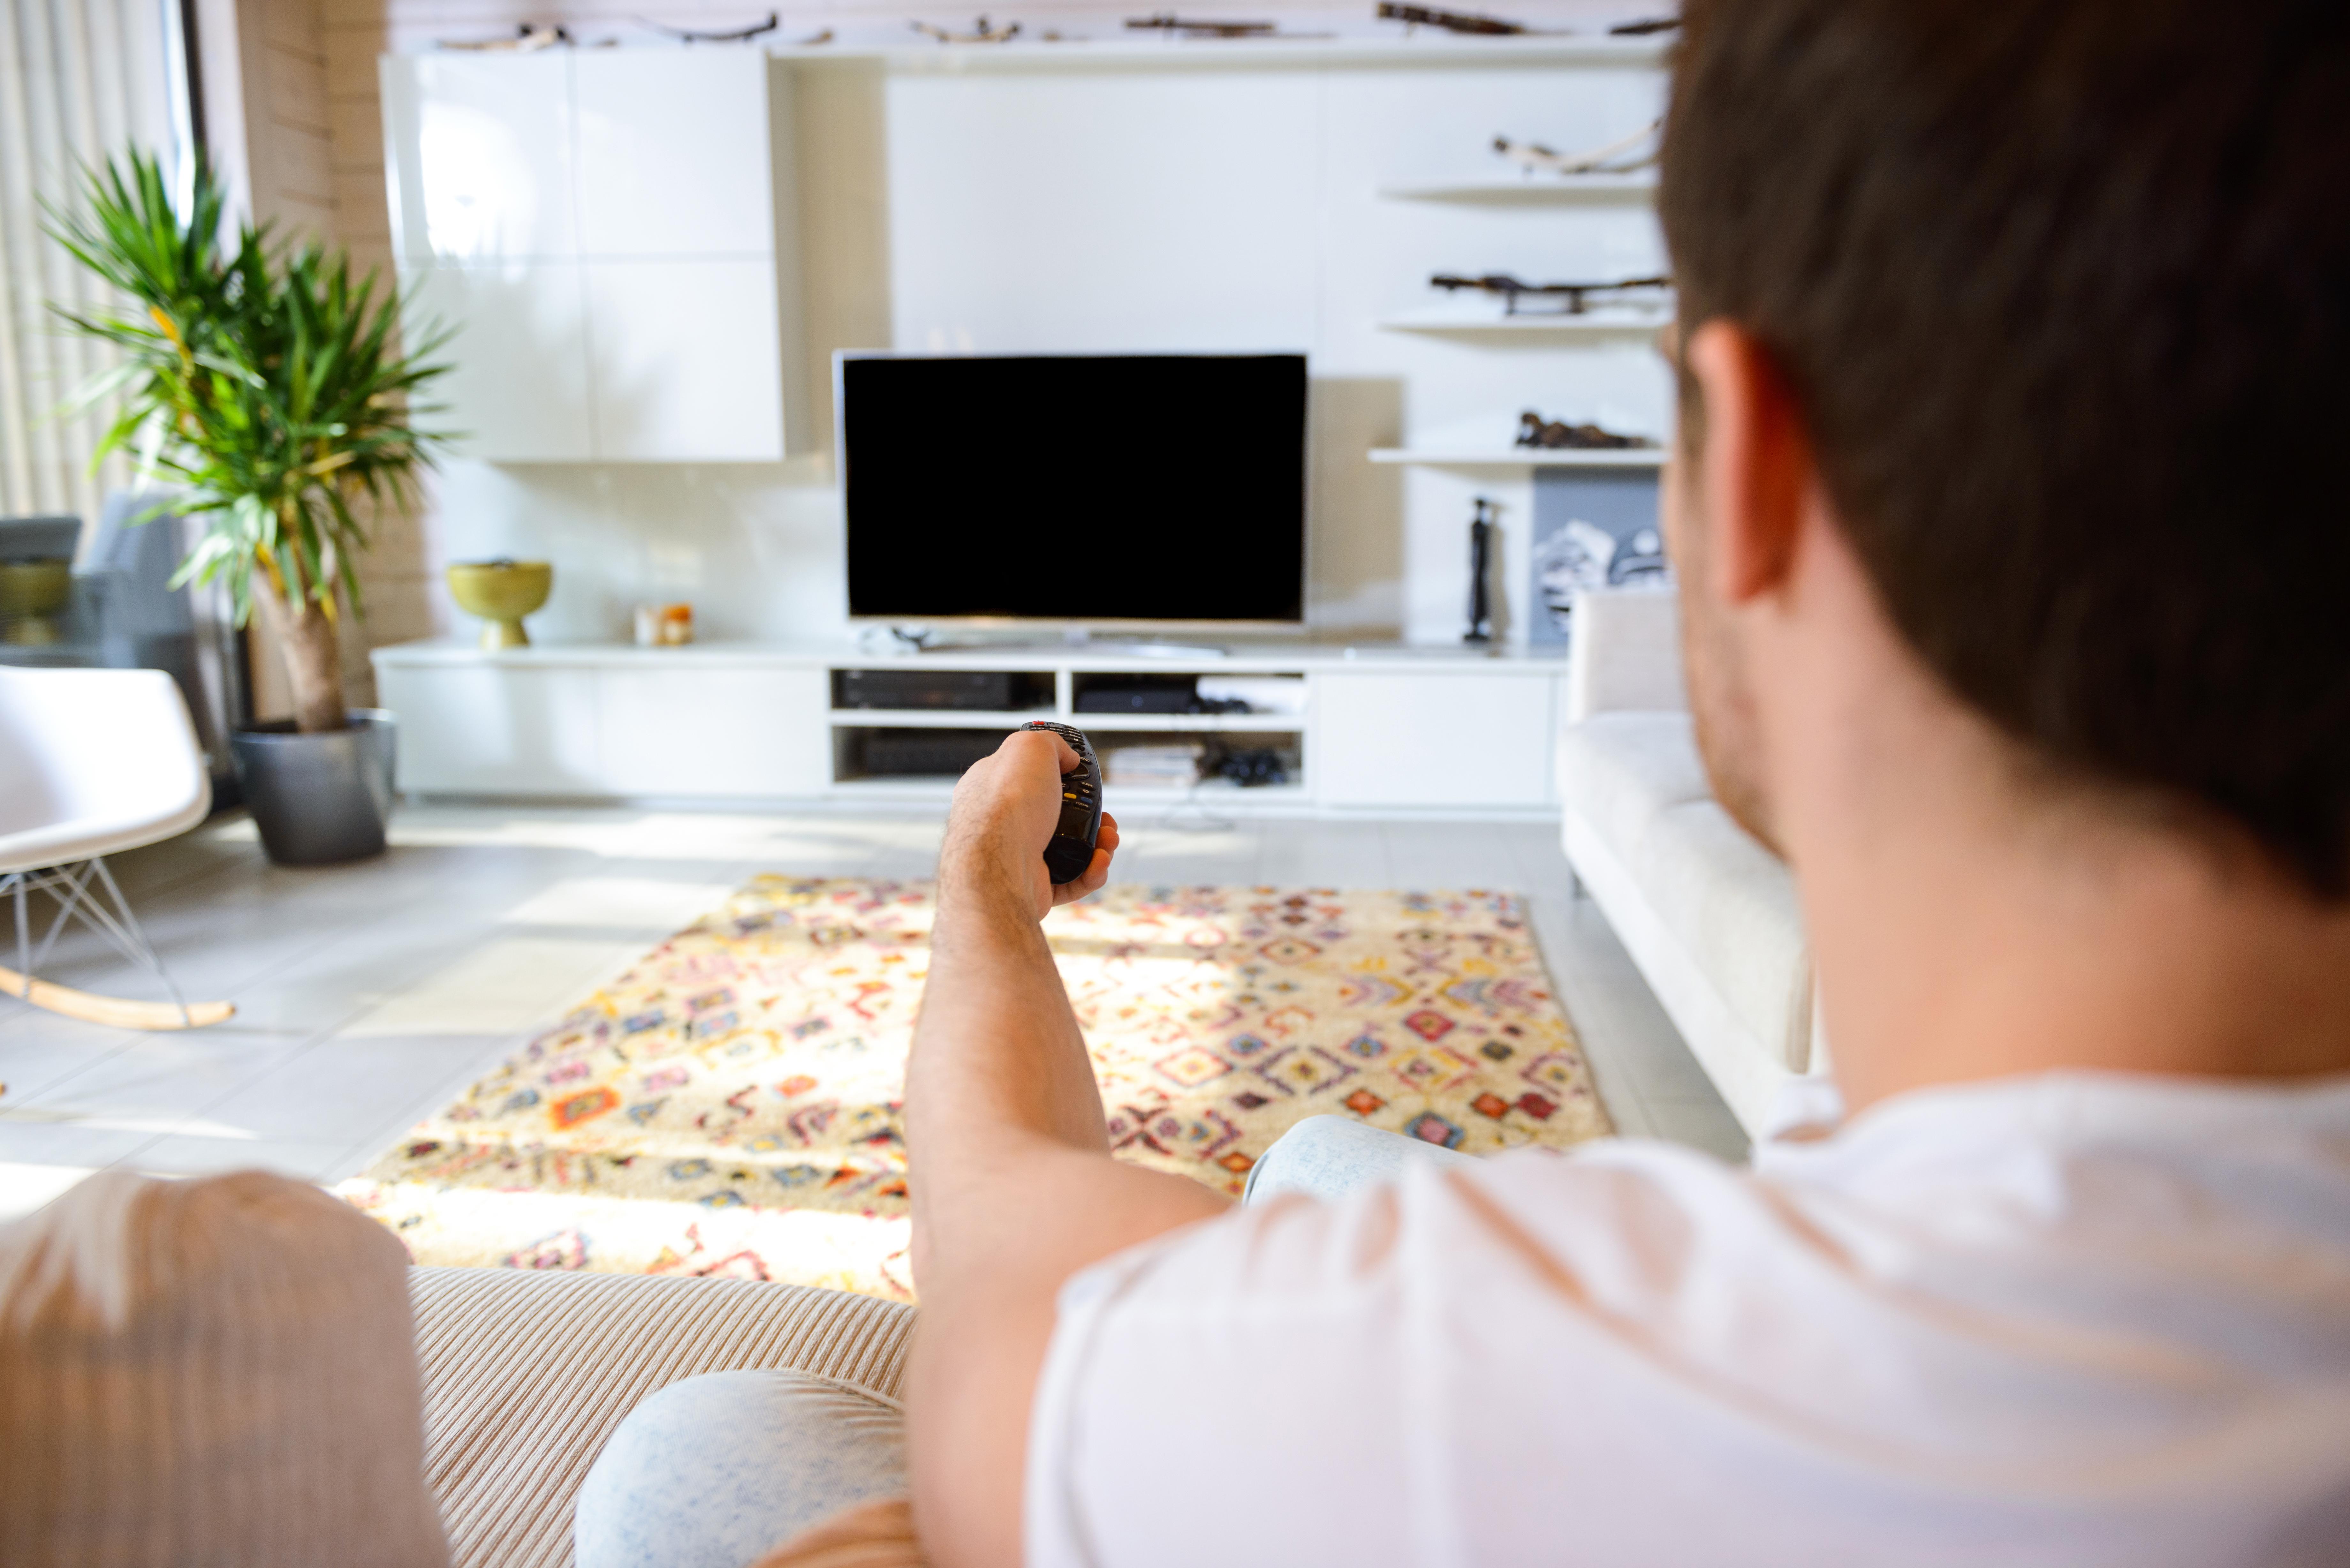 Samsung LED TV un32j4000 demo mode: Get back to standard TV mode